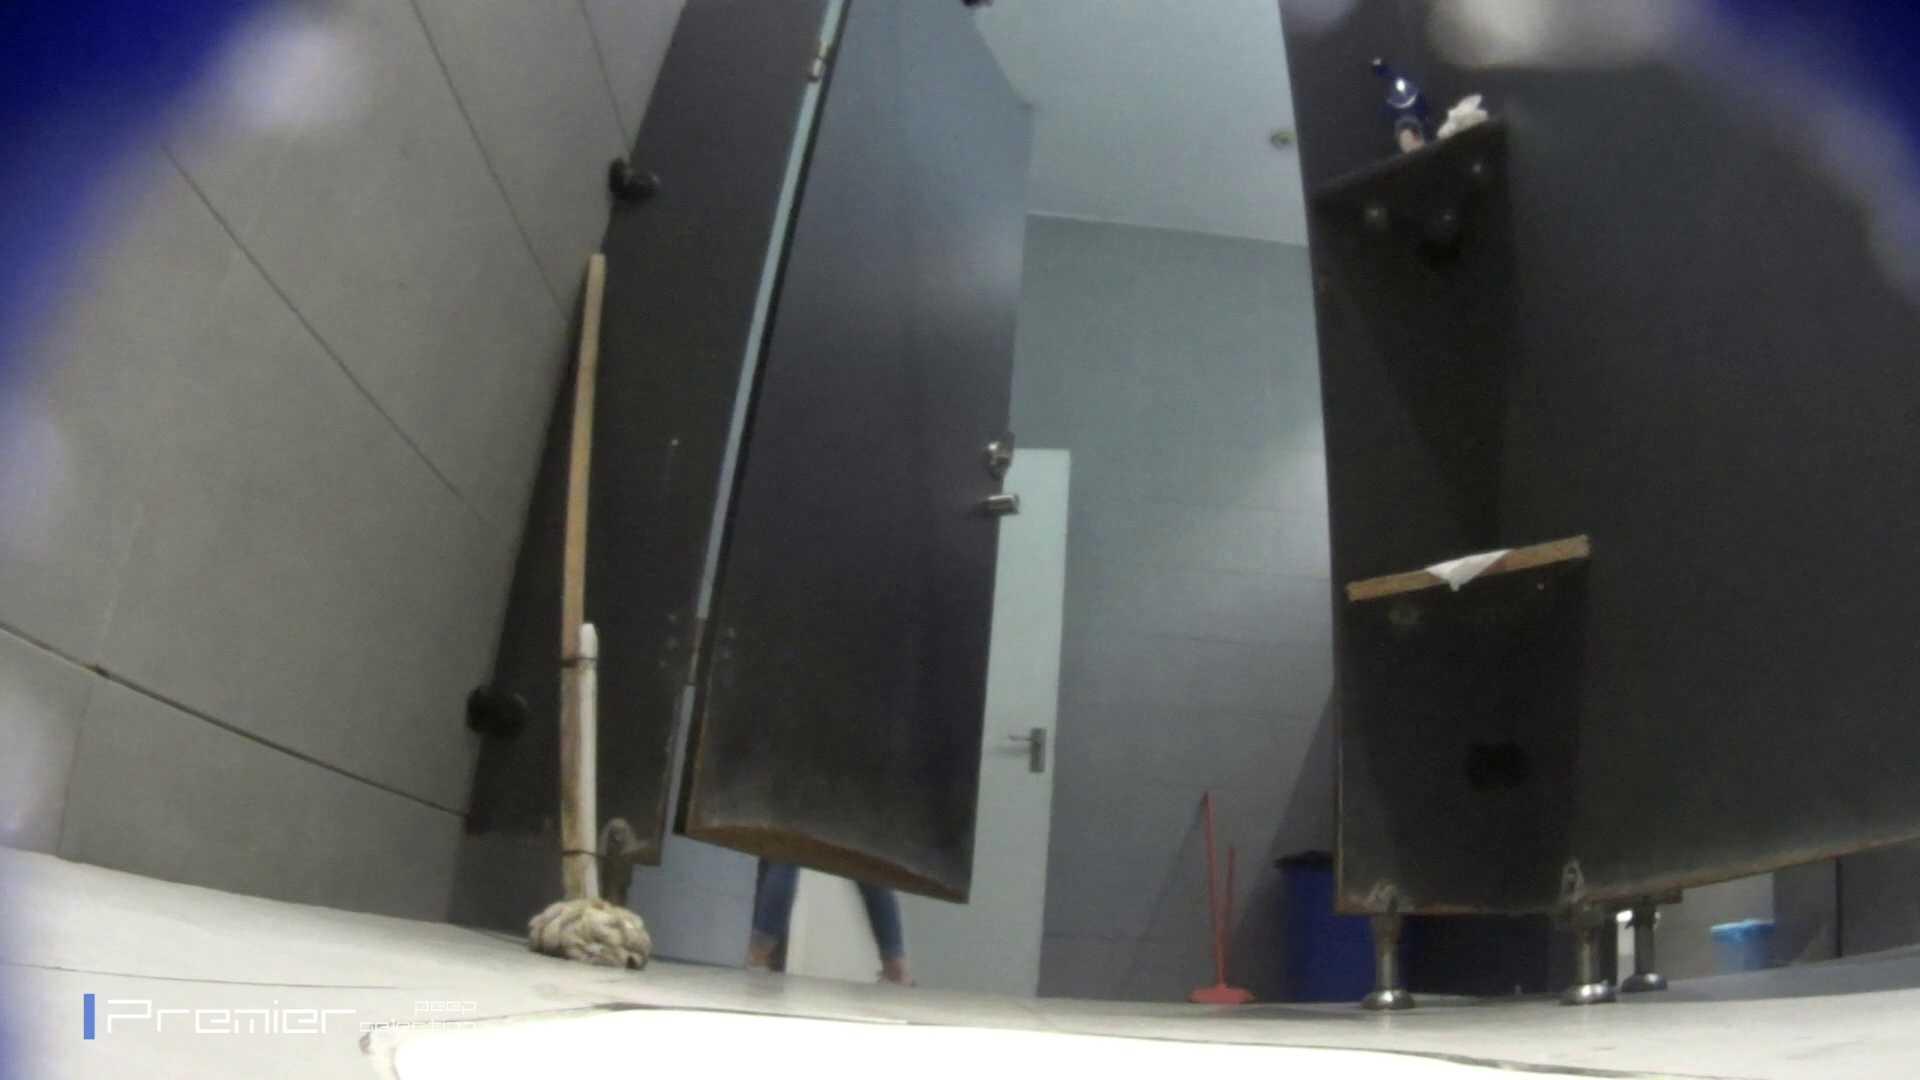 派手なスニーカーの女の子 大学休憩時間の洗面所事情63 丸見え | 高画質動画  89画像 23